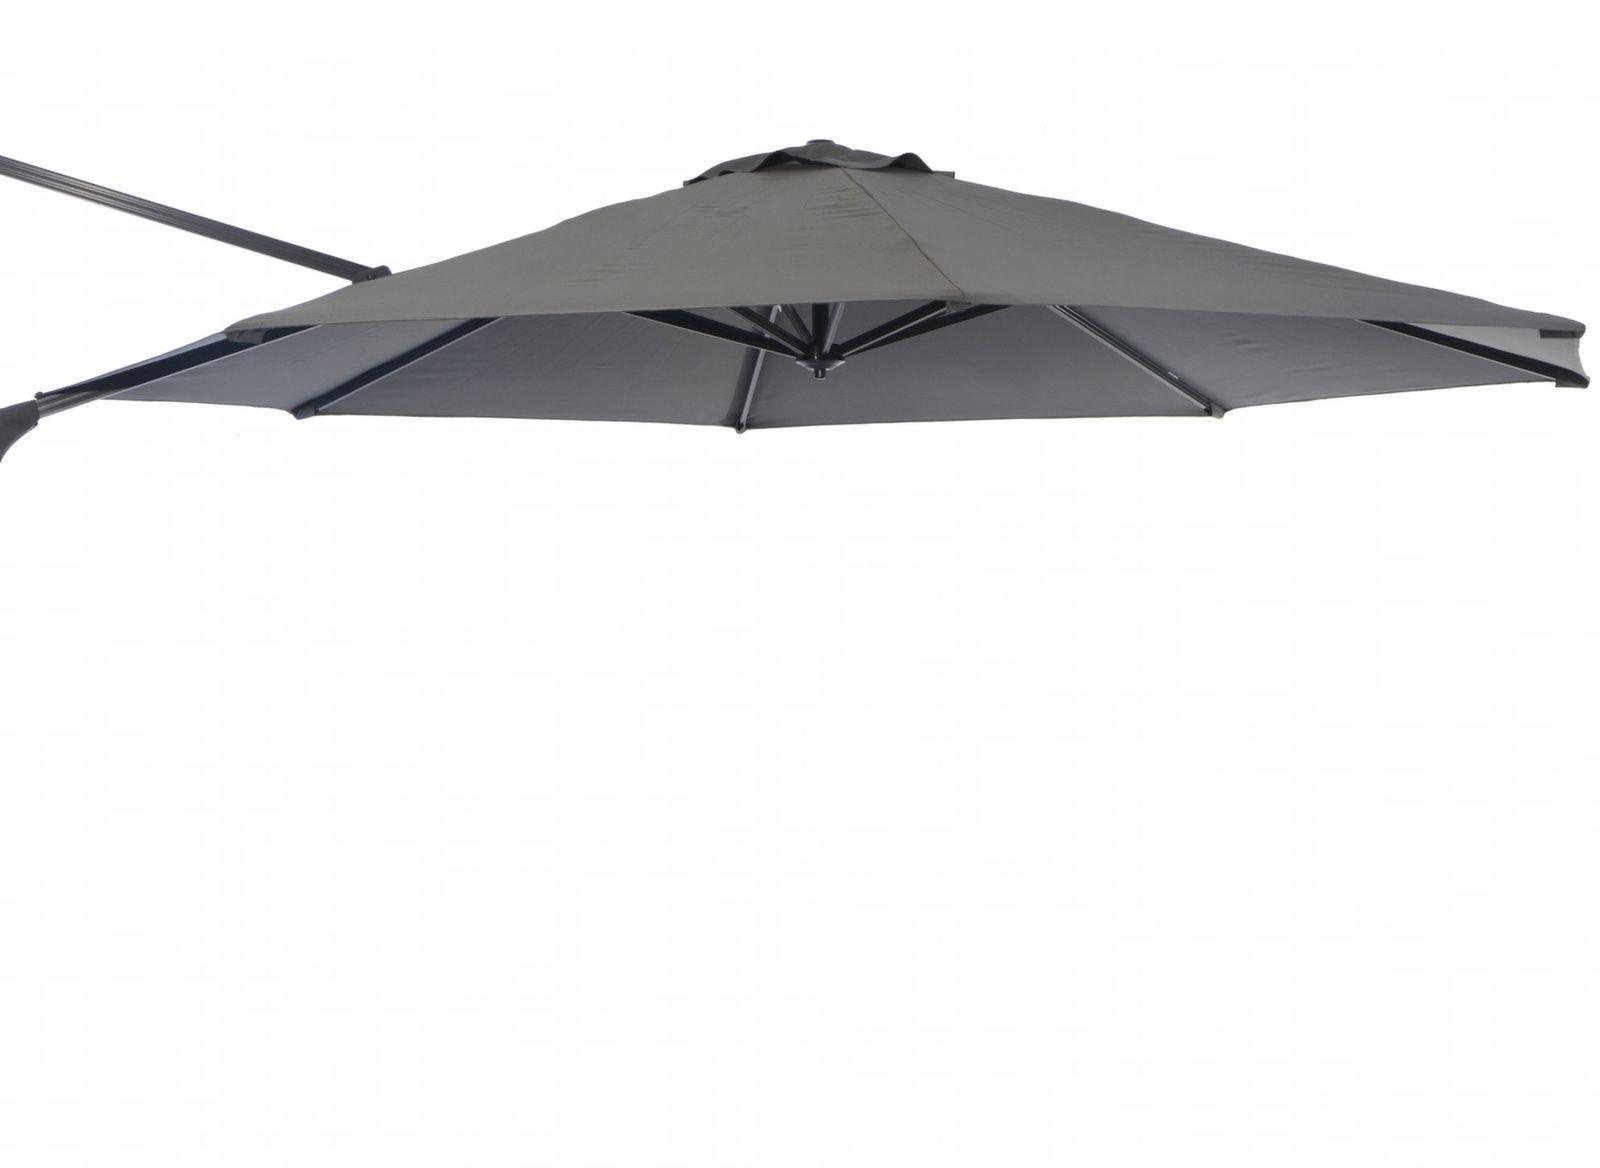 Toile grise pour parasol d port 3 5 proloisirs - Toile de parasol deporte ...